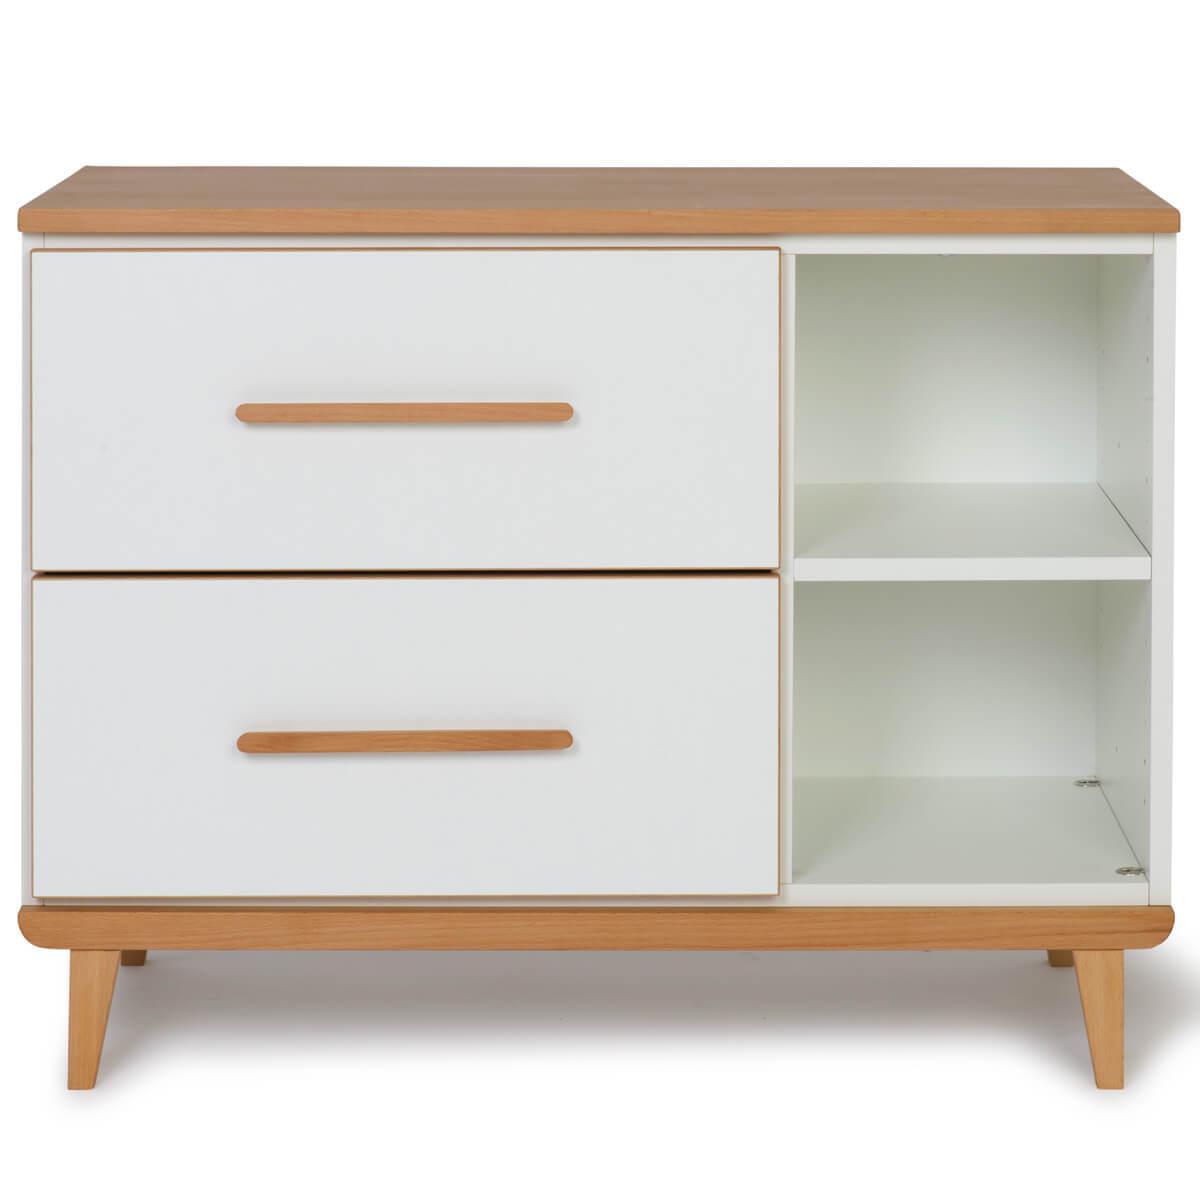 Mueble pequeño 2 cajones NADO white